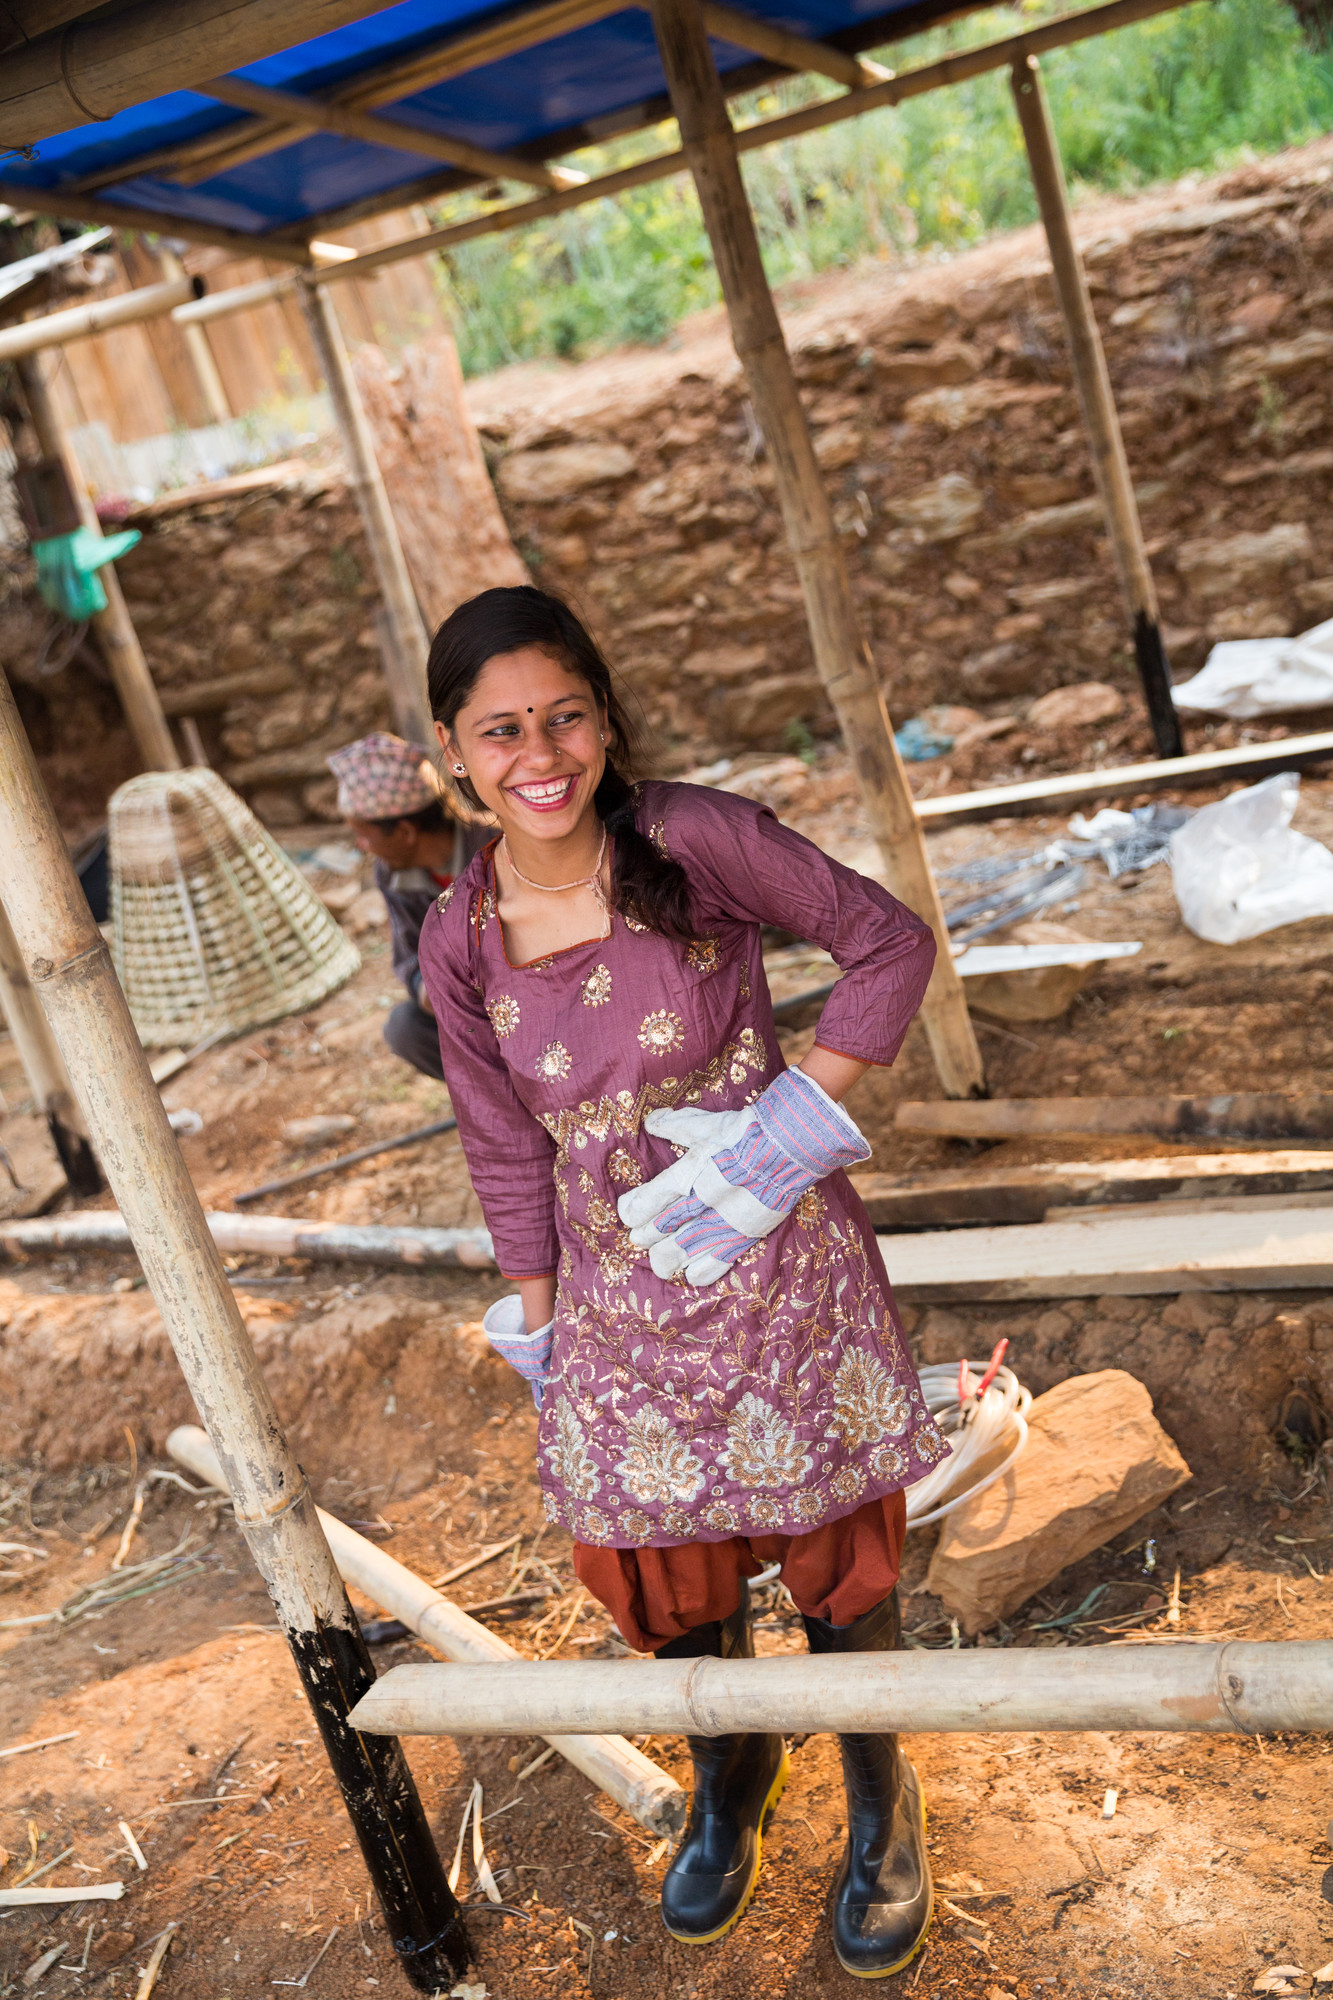 NPL100440_Zukunftsperspektiven_Max Greenstein_Bild stammt aus einem ähnlichen Plan-Projekt in Nepal_Bild1